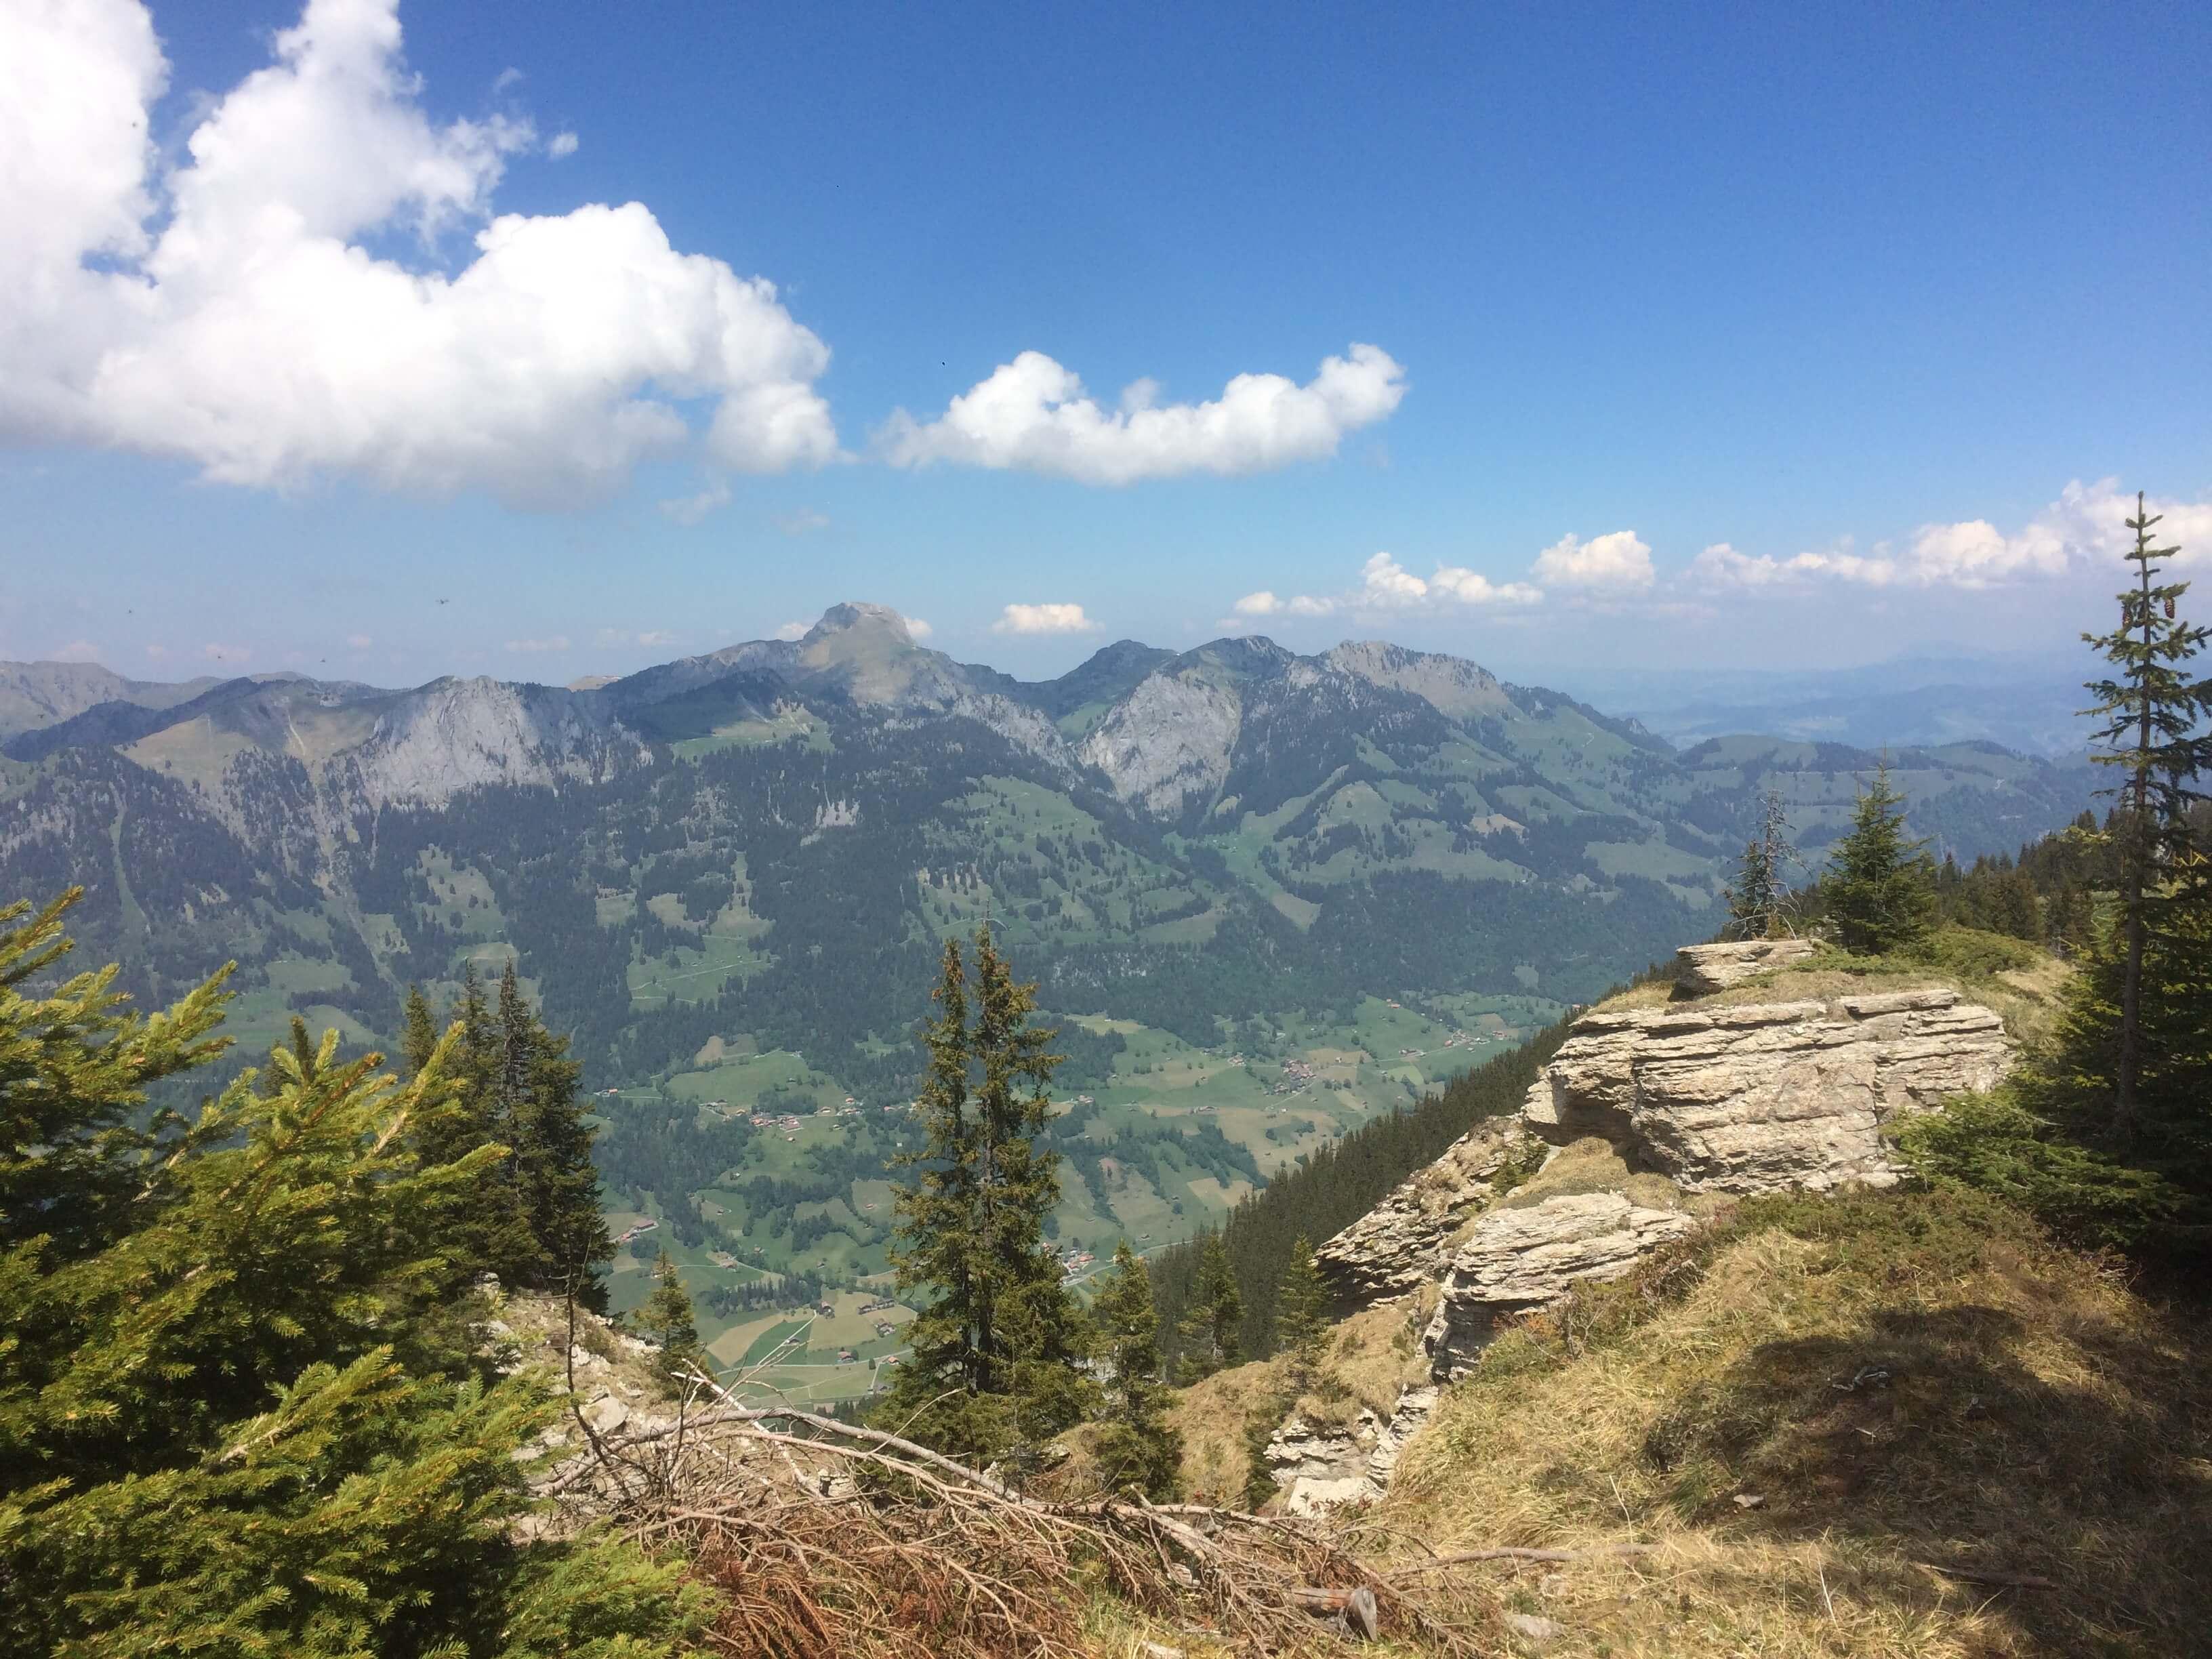 Aussicht auf umliegende Berggipfel